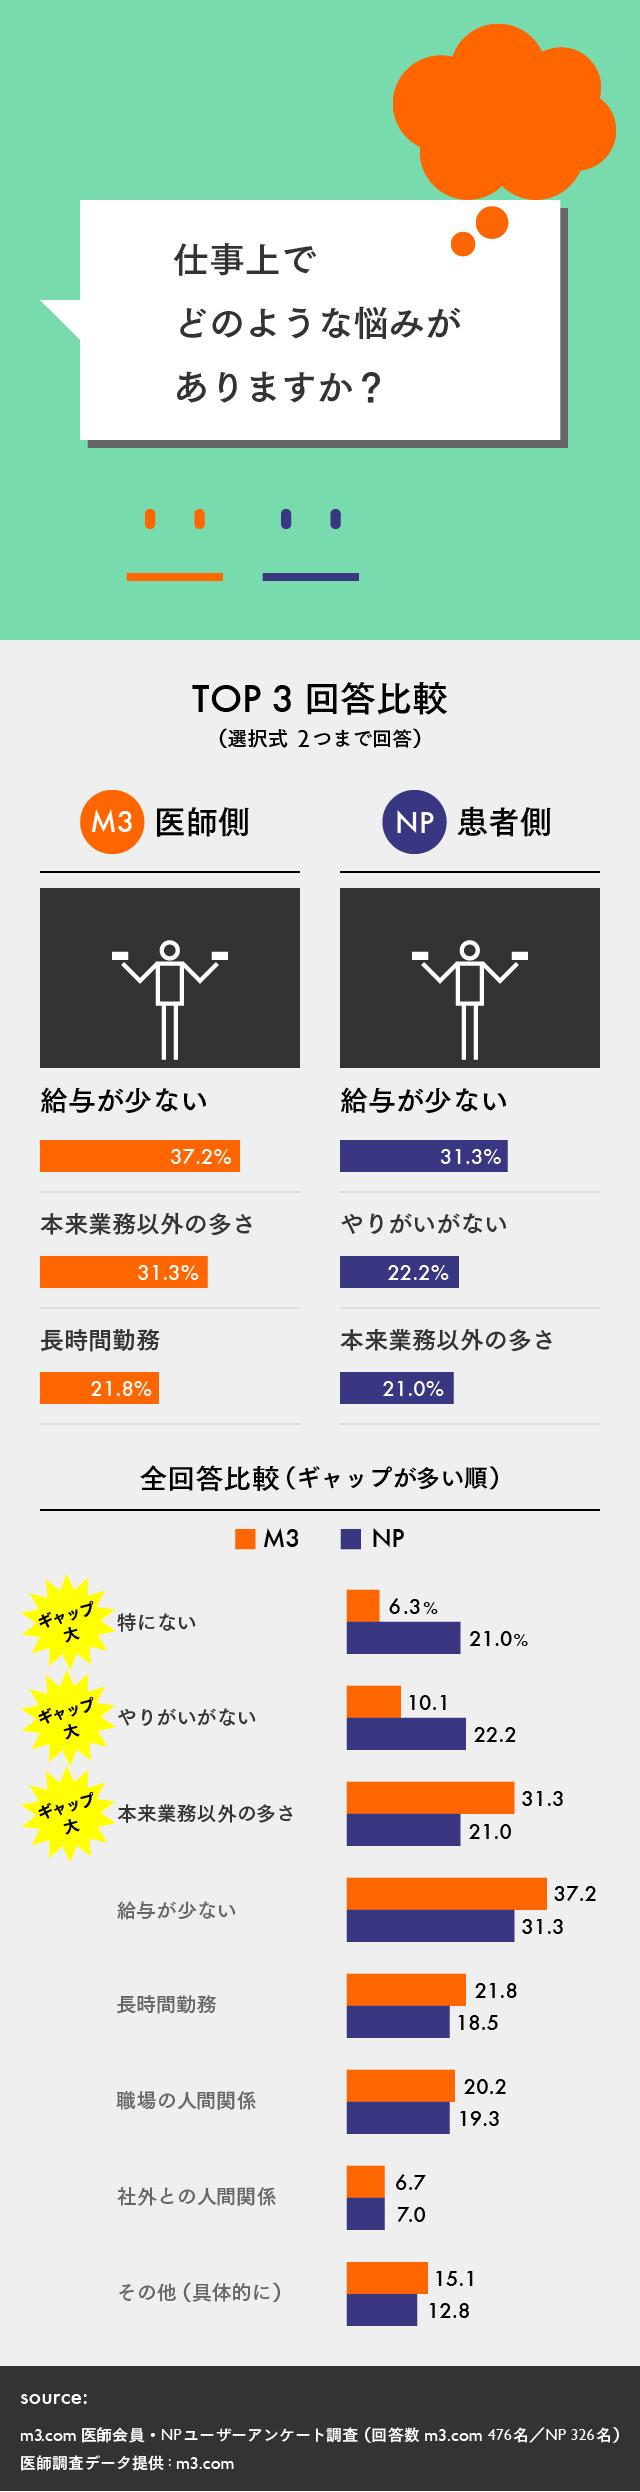 【マスター】M3_#7_20151018-01